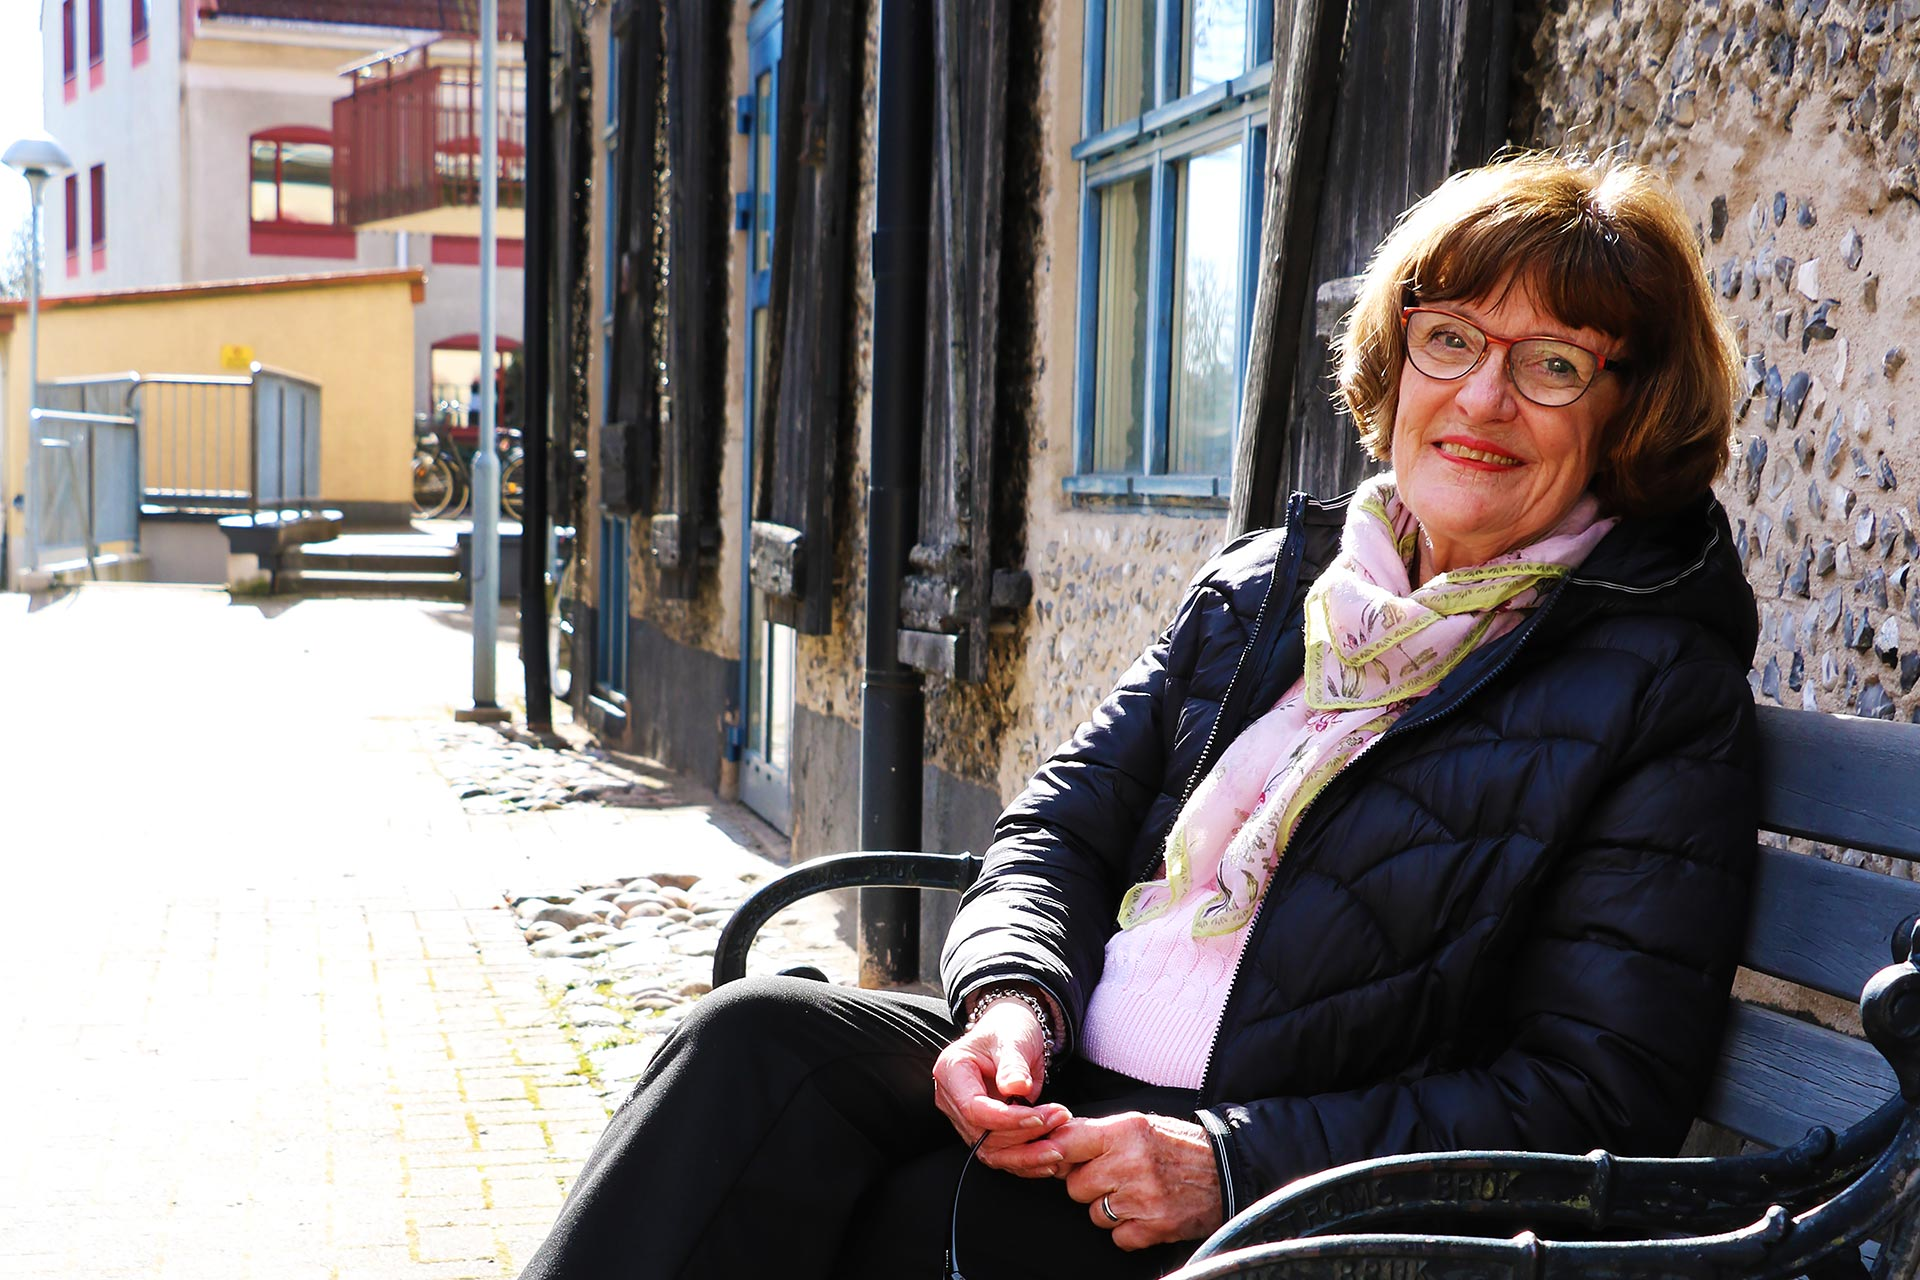 Lizian Kyreus är en väldigt aktiv senior. Kopplar av gör hon bäst på balkongen med historisk utsikt, eller i sin läshörna i vardagsrummet.